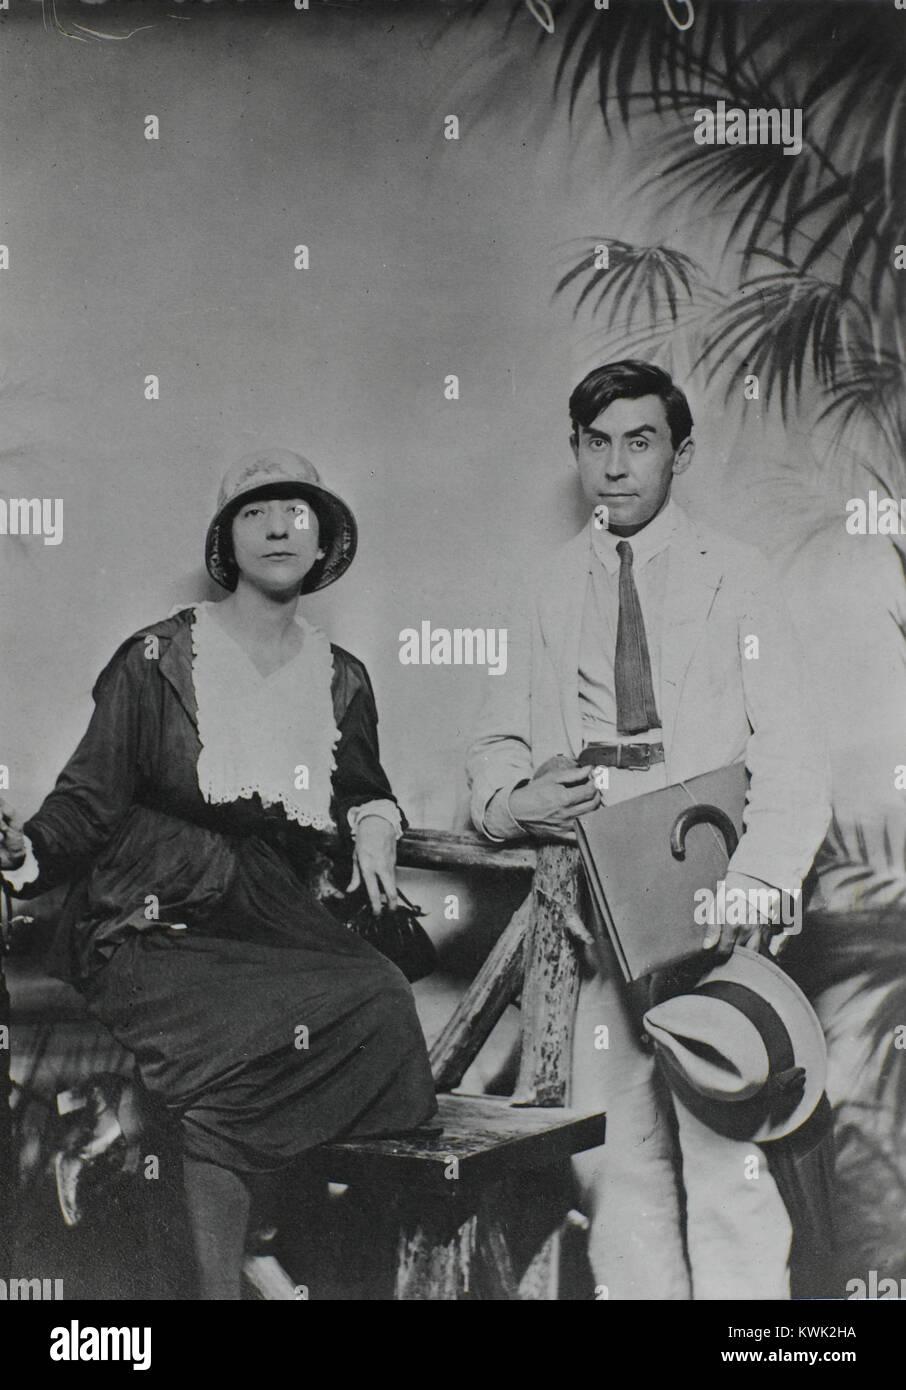 Juliette Roche and Albert Gleizes, New York, 1915, Centre Pompidou, Musée national d'art moderne, Bibliothèque - Stock Image